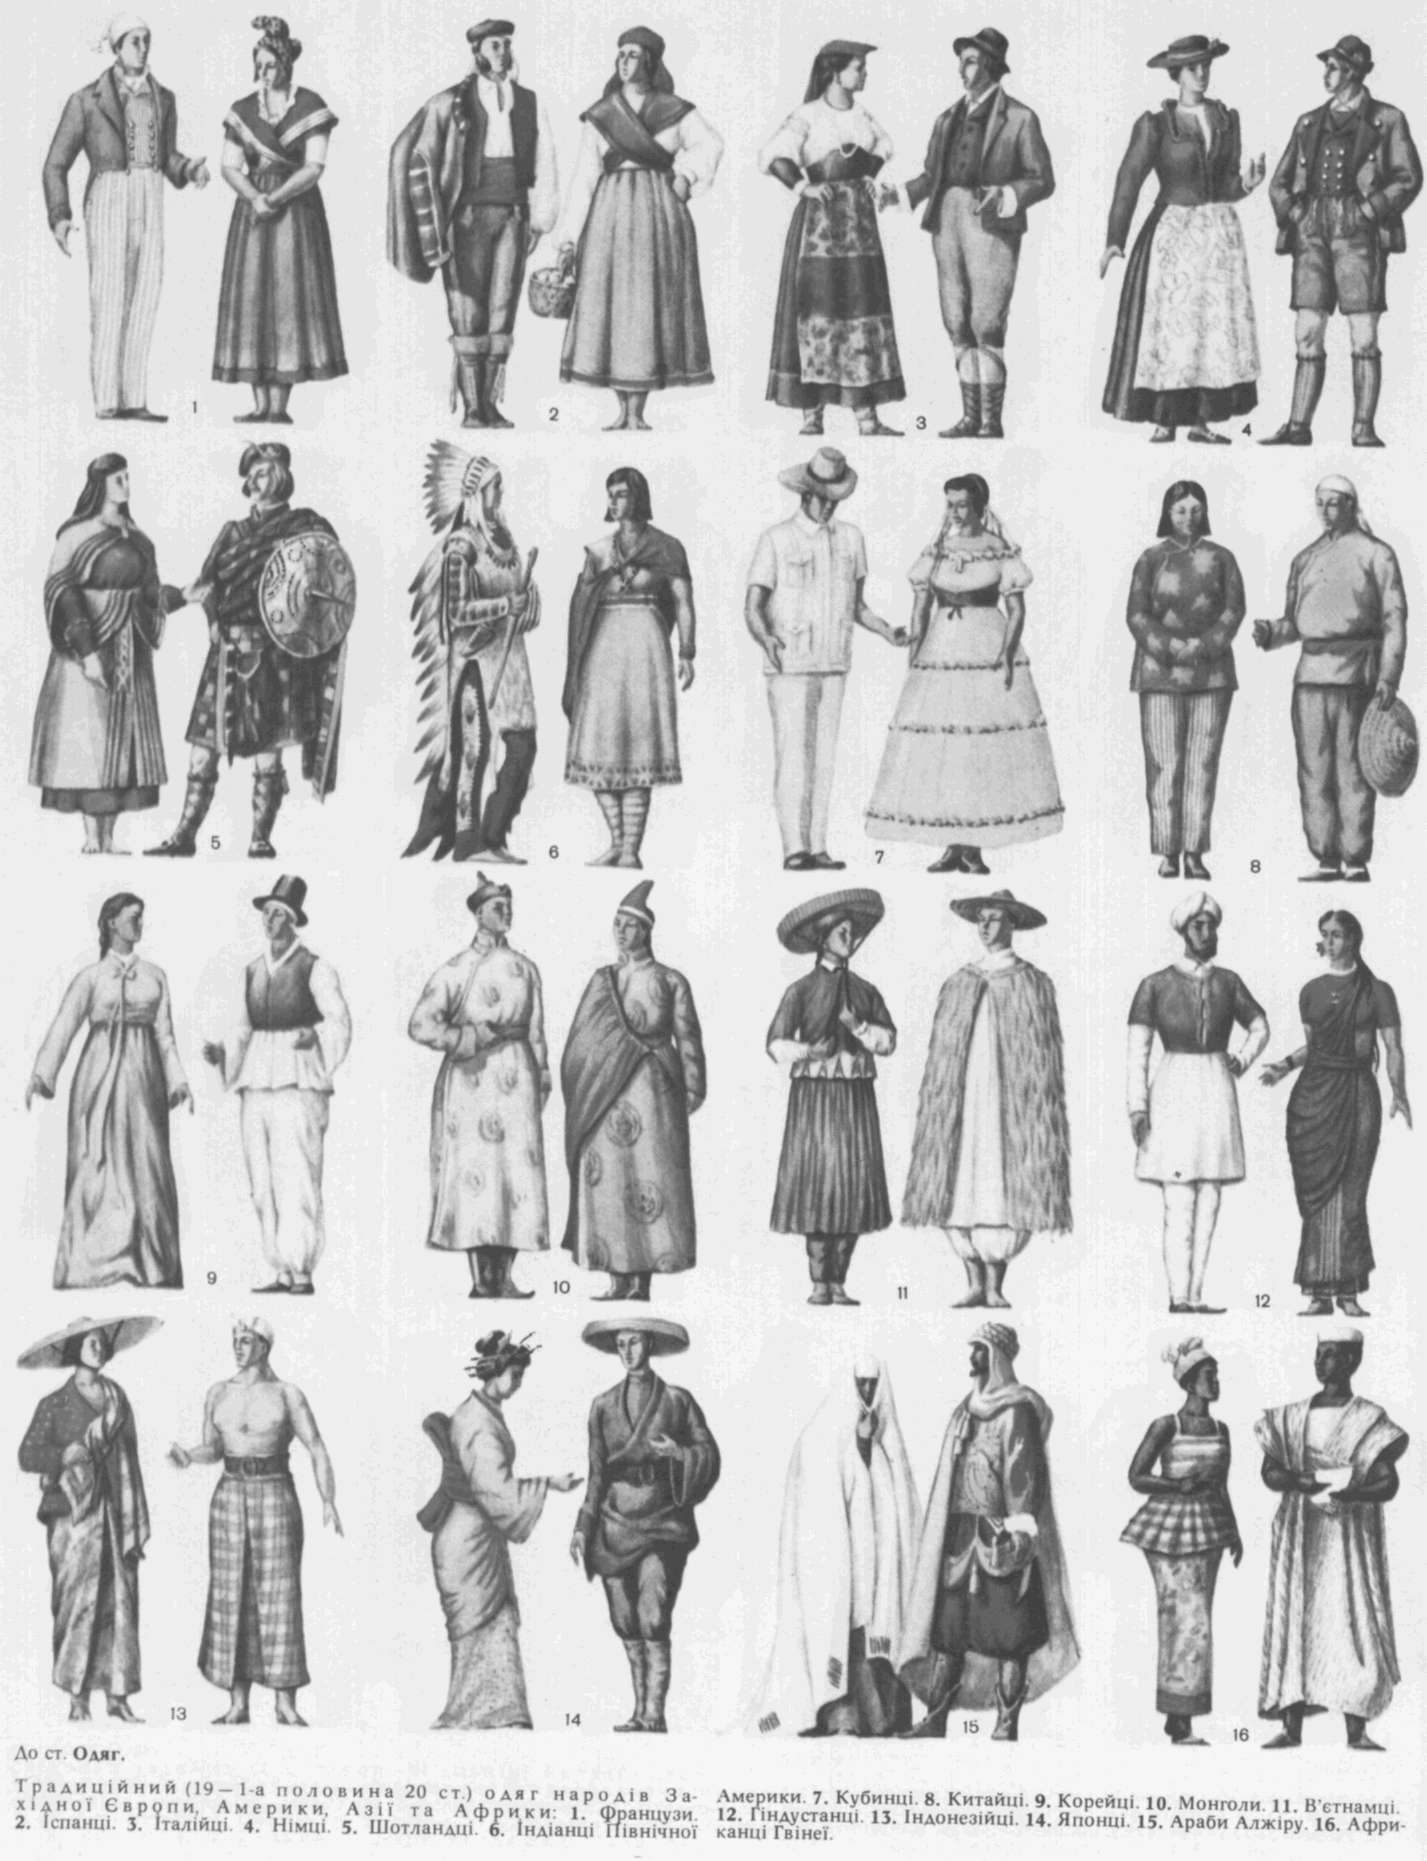 Та фрази дорожній одяг шляховий одяг